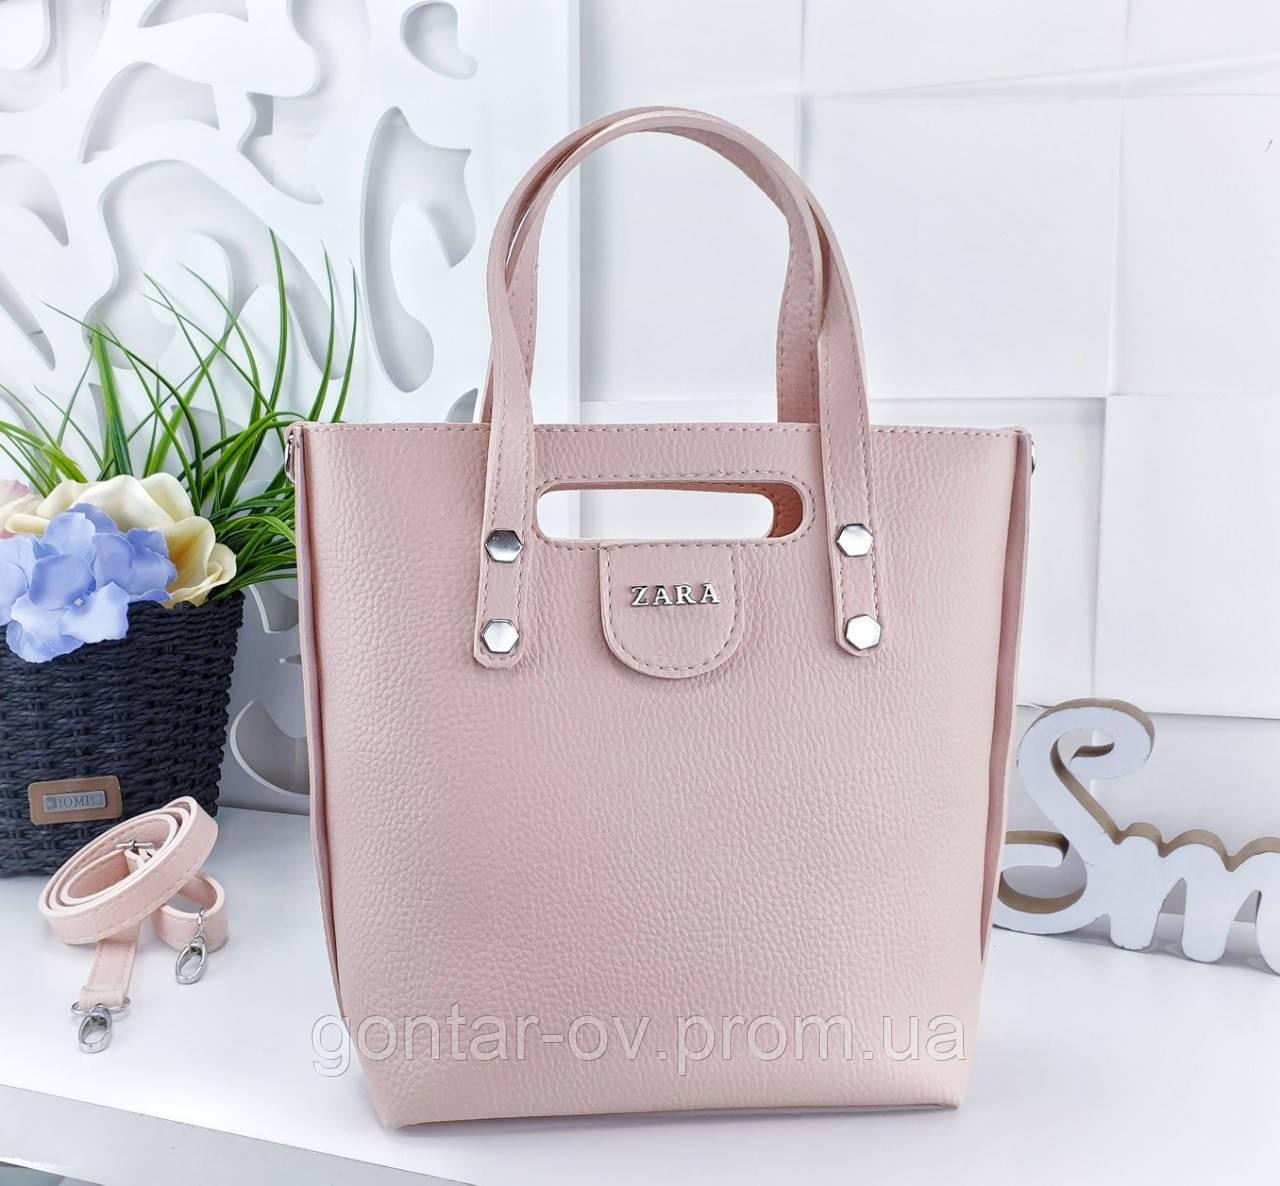 Женская пудровая сумка ZARA